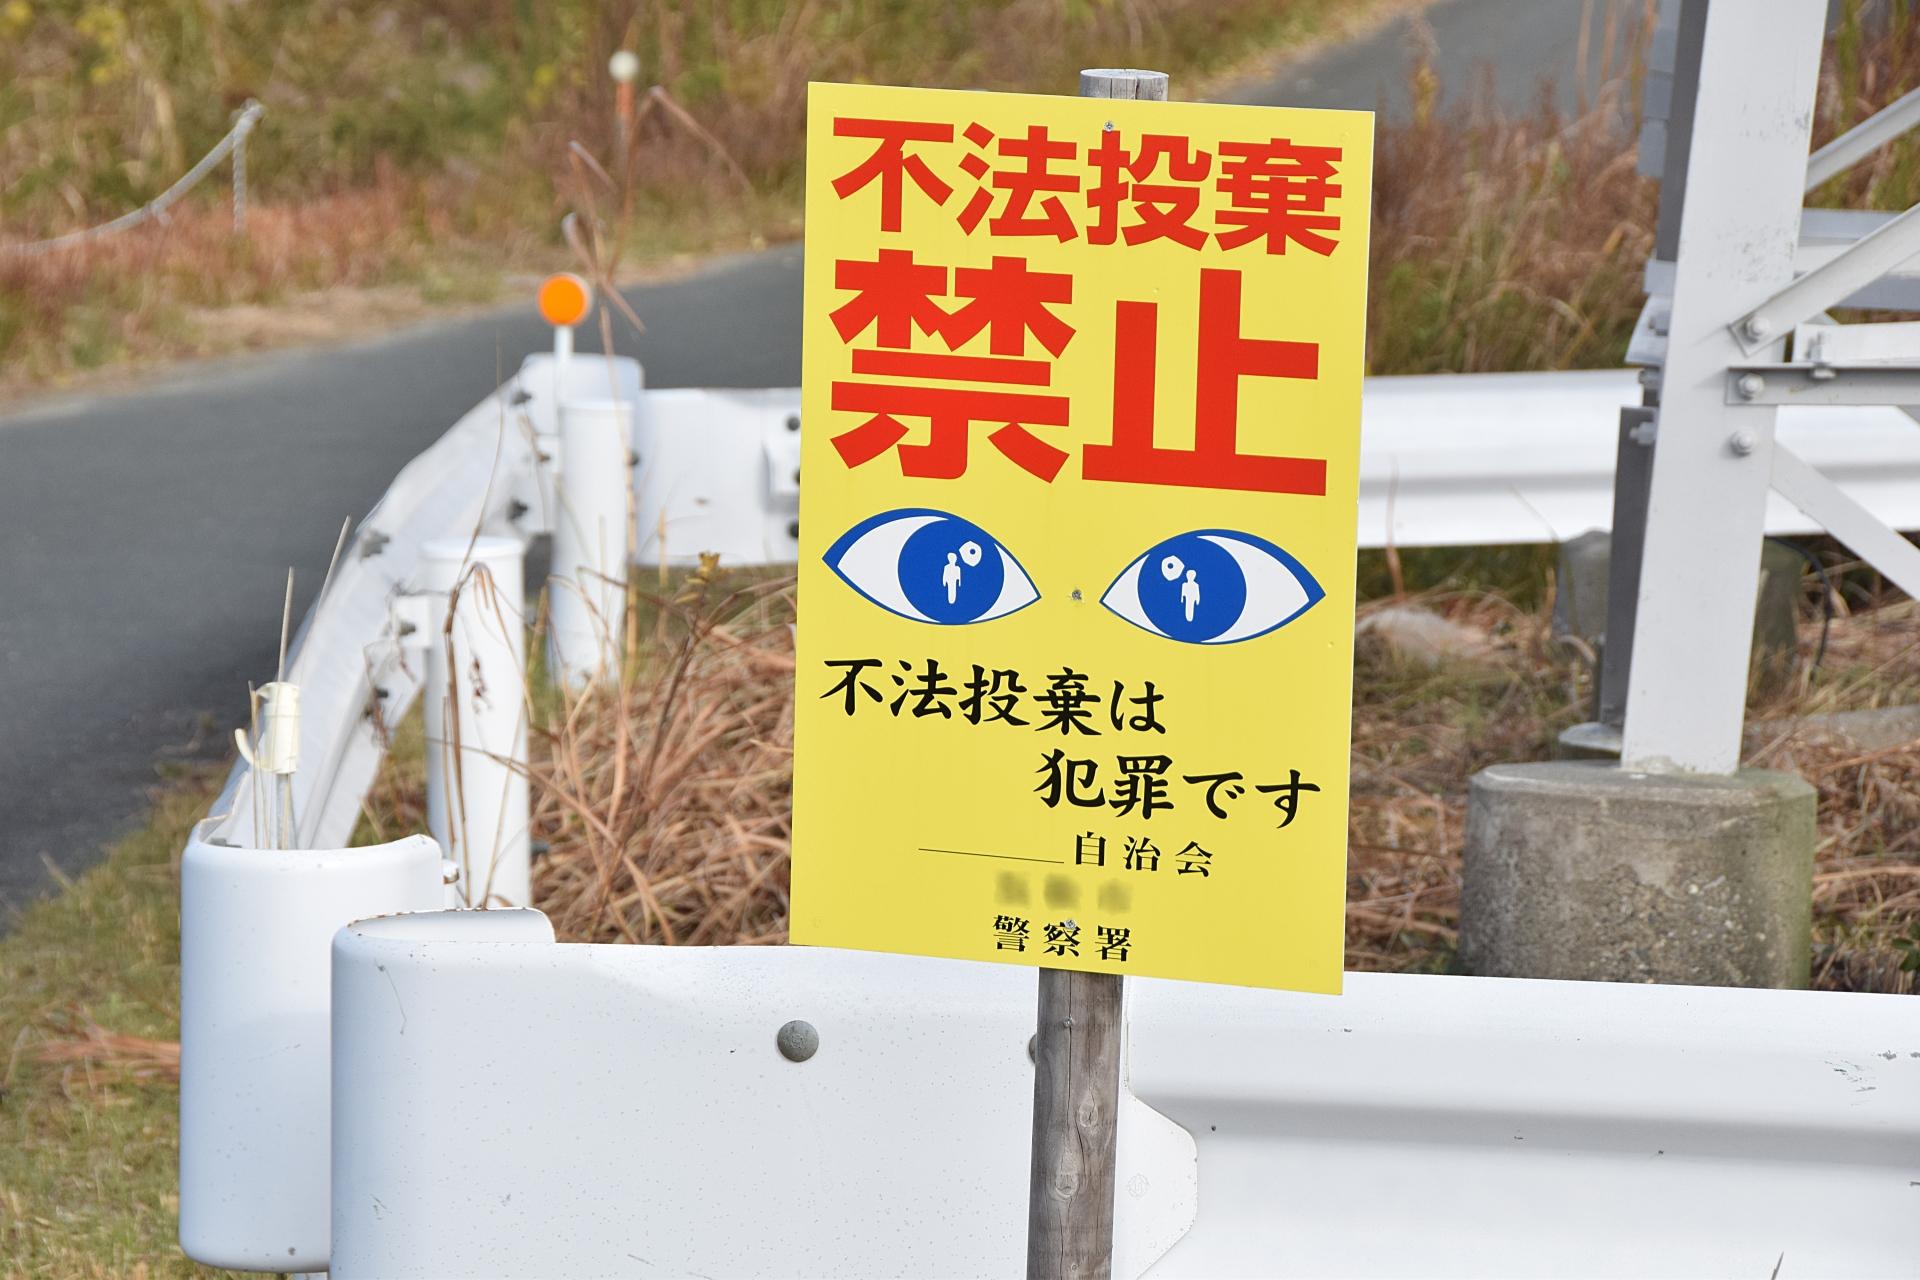 違法な不用品回収業者にご注意ください!